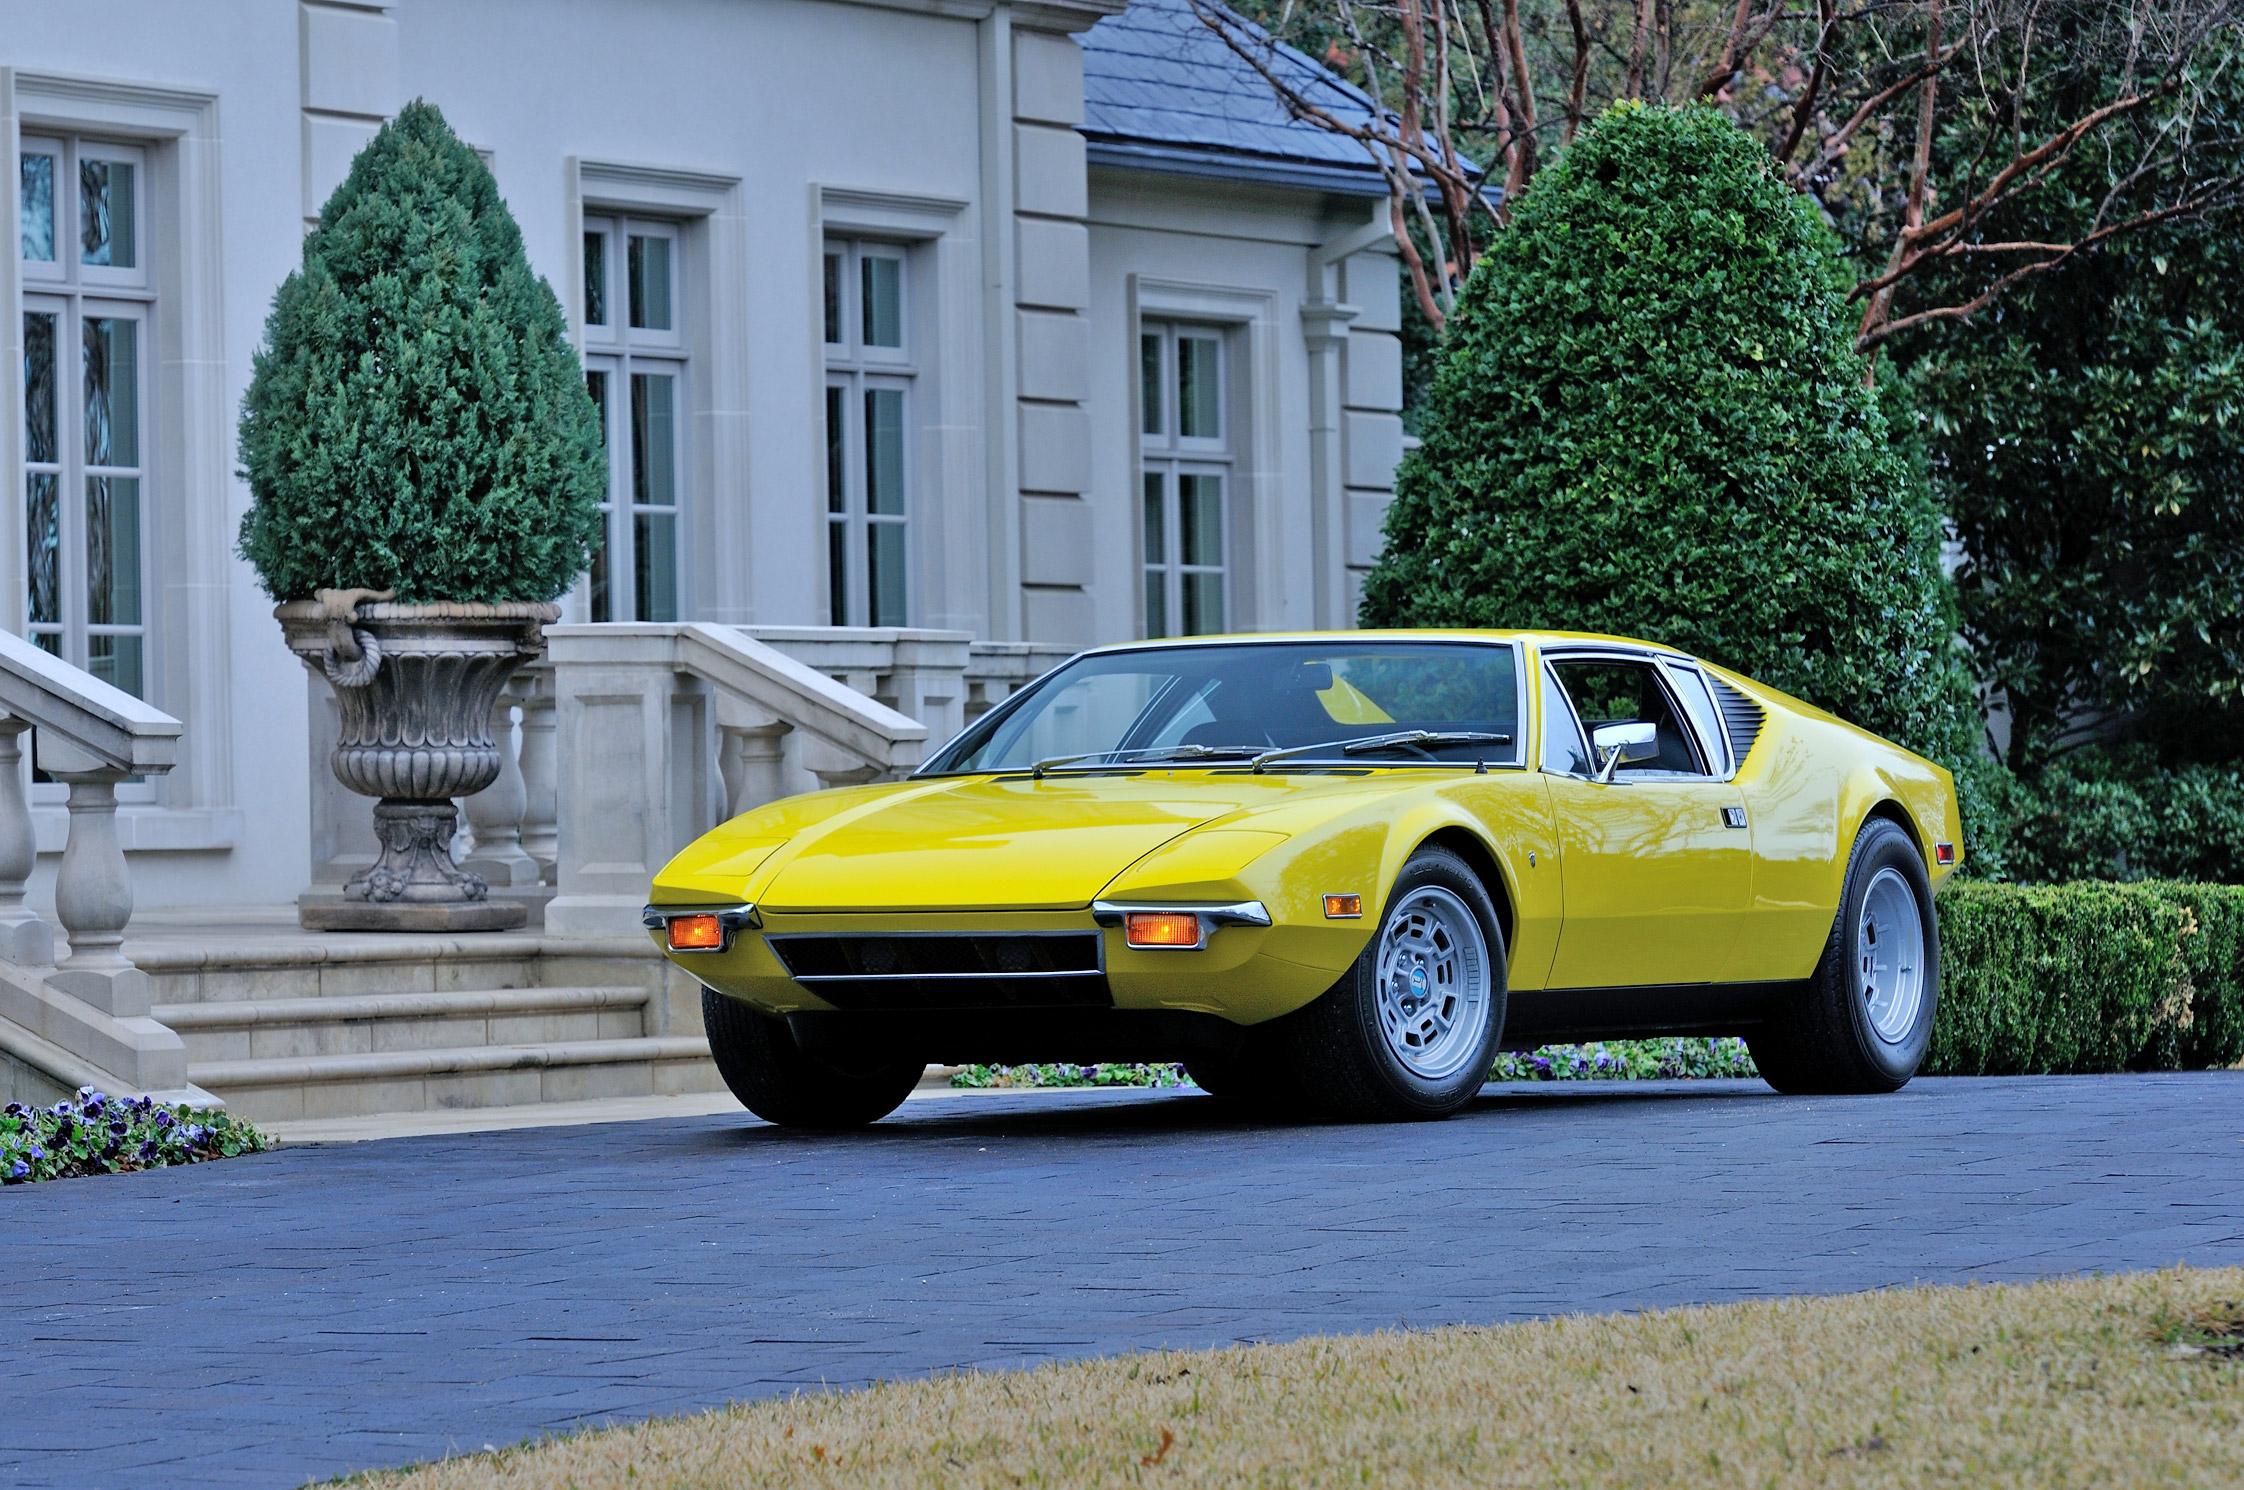 Photo De Tomaso Pantera Coup 233 1972 M 233 Diatheque Motorlegend Com